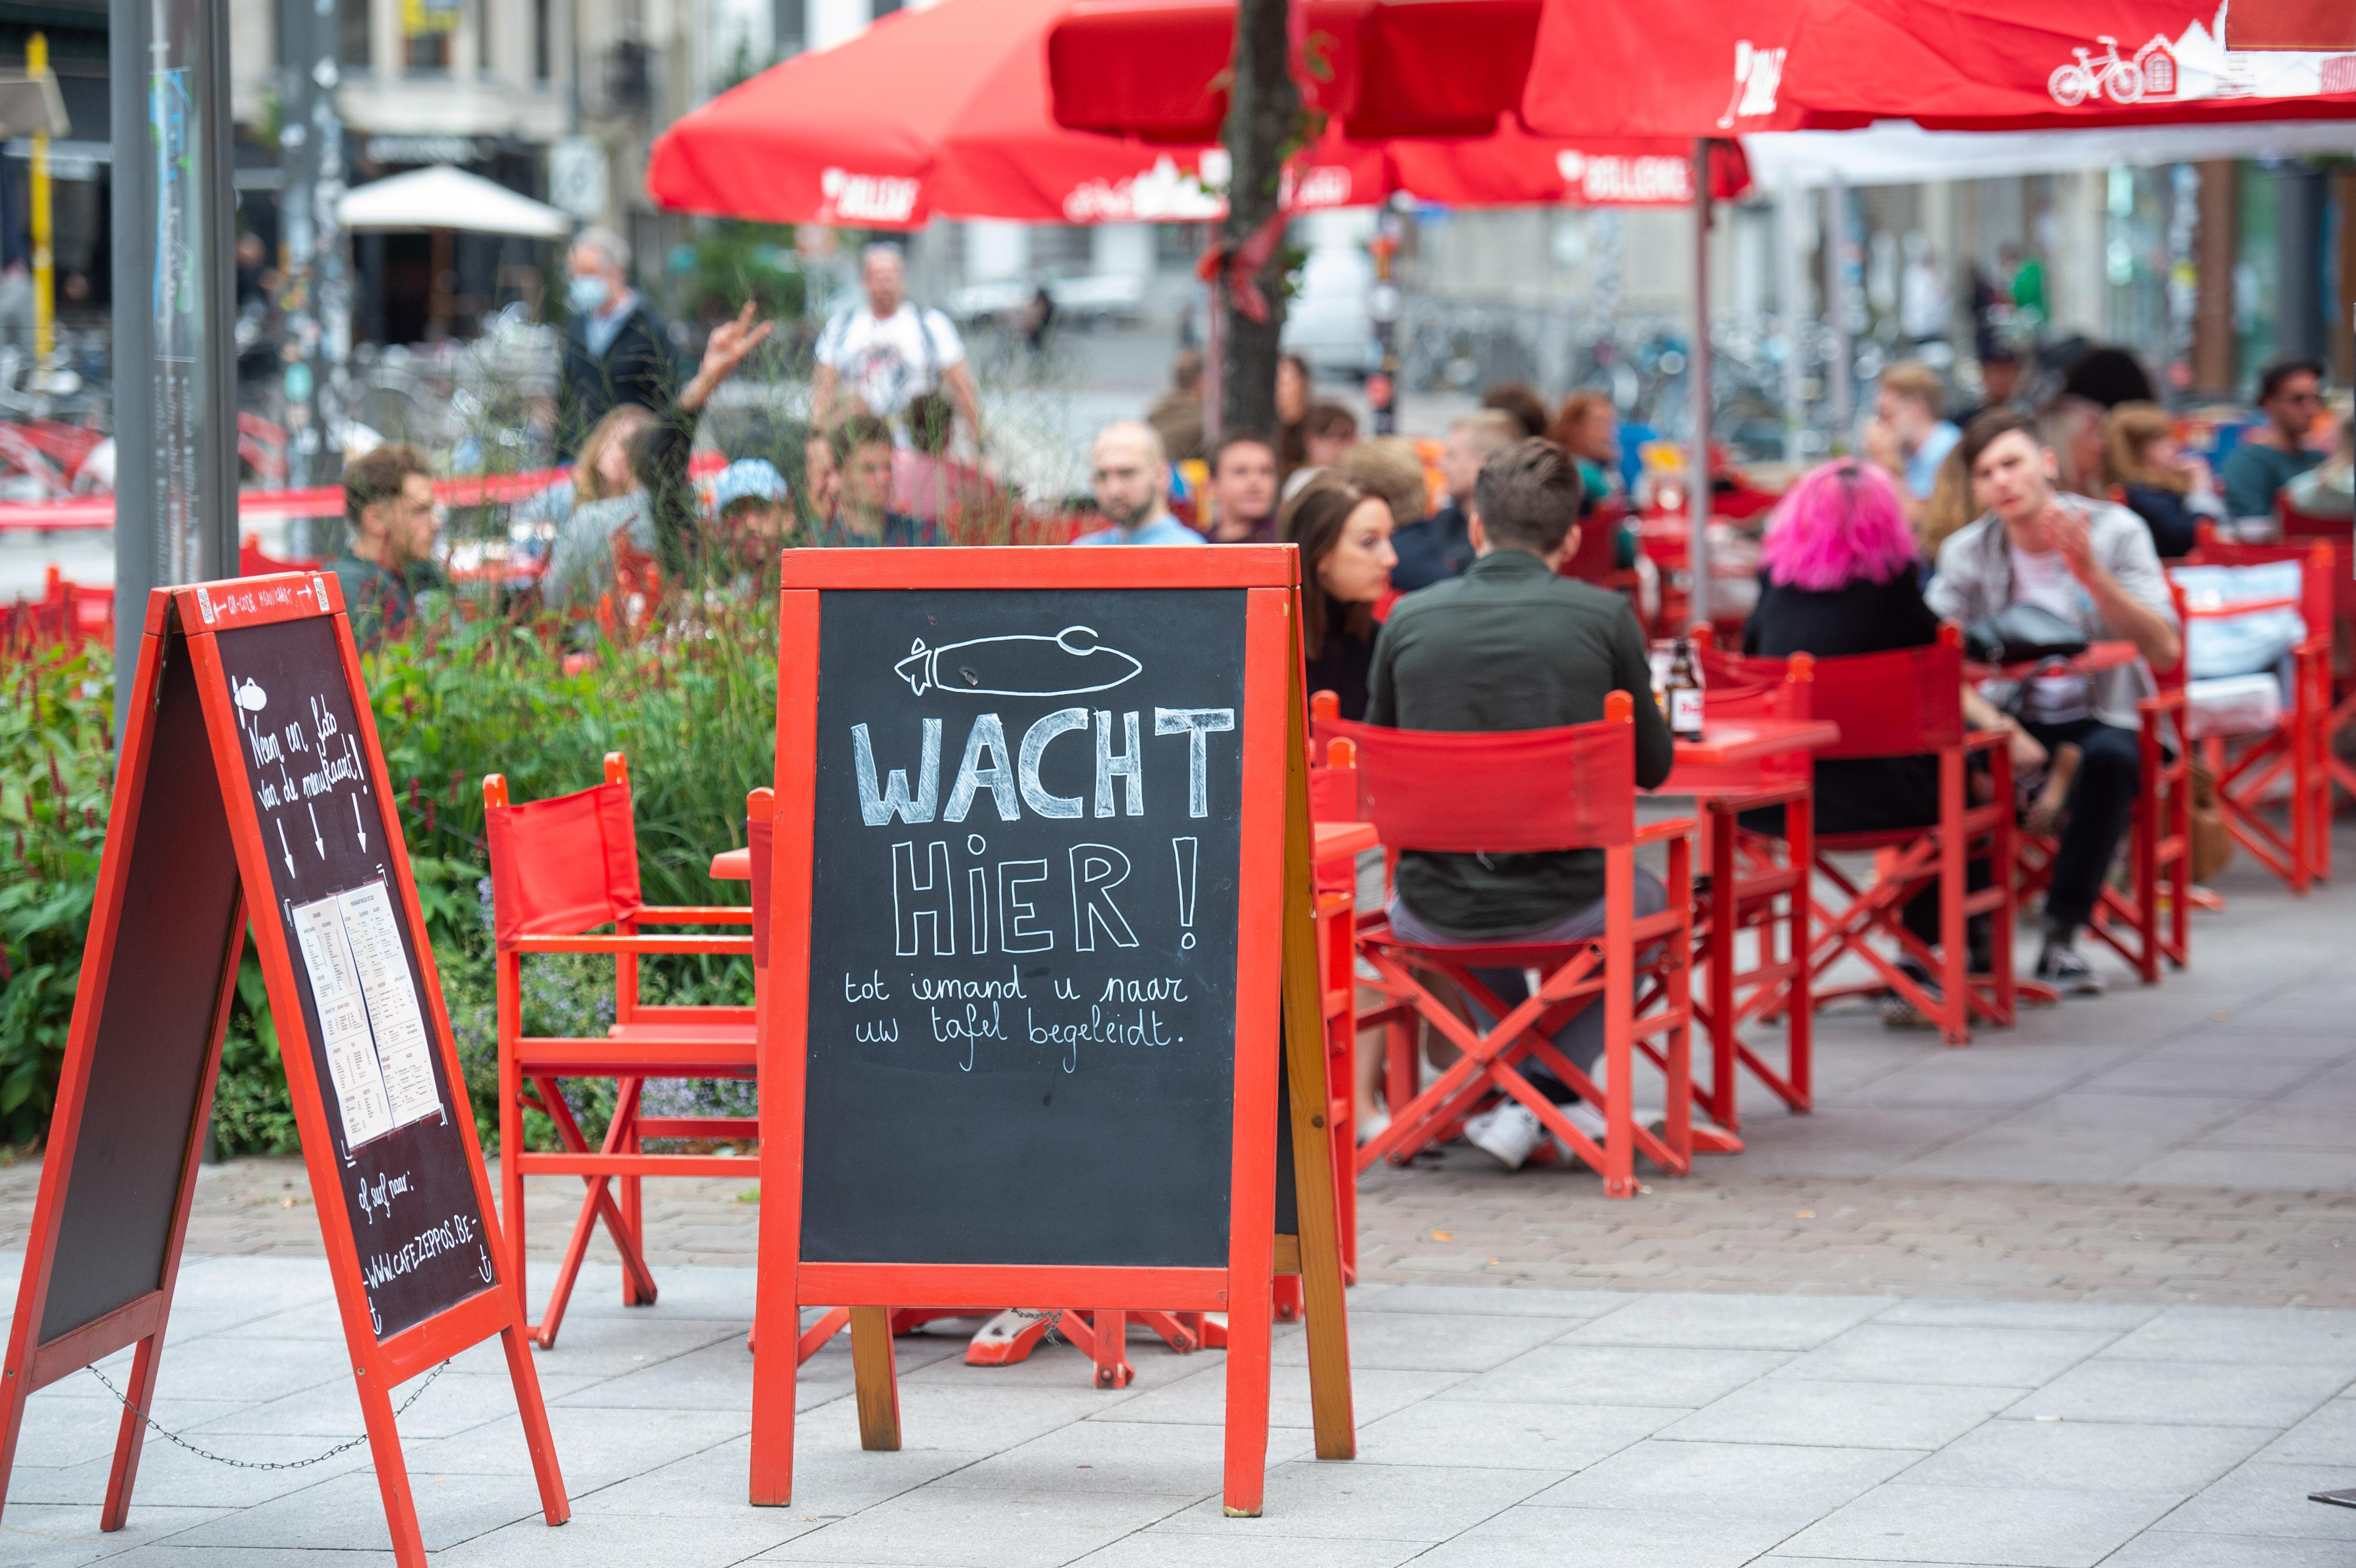 Negatief reisadvies komt hard aan in Antwerpen